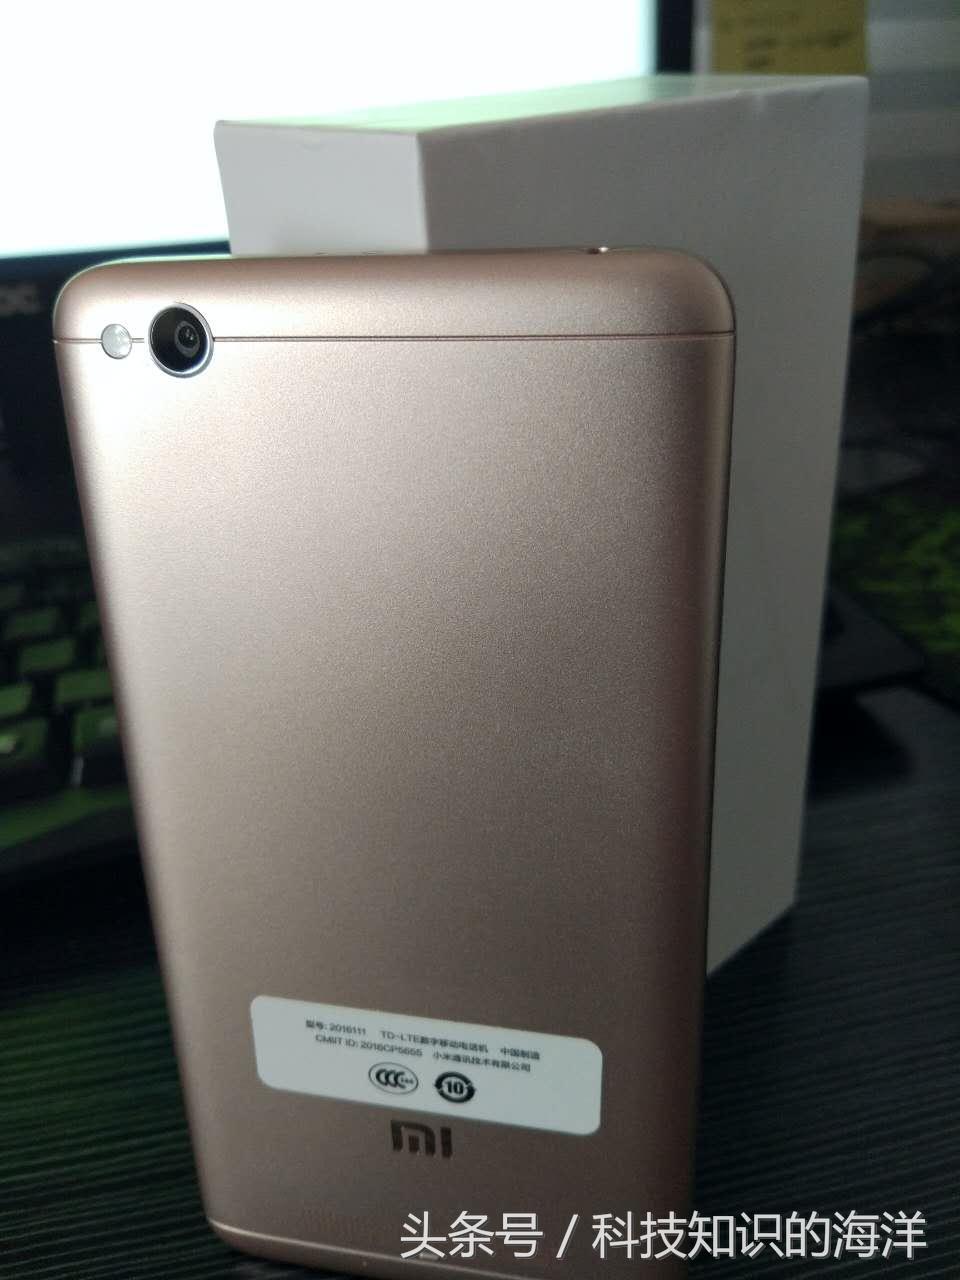 双十一 新鮮货 红米4A详细拆箱 手机3d游戏界面测评